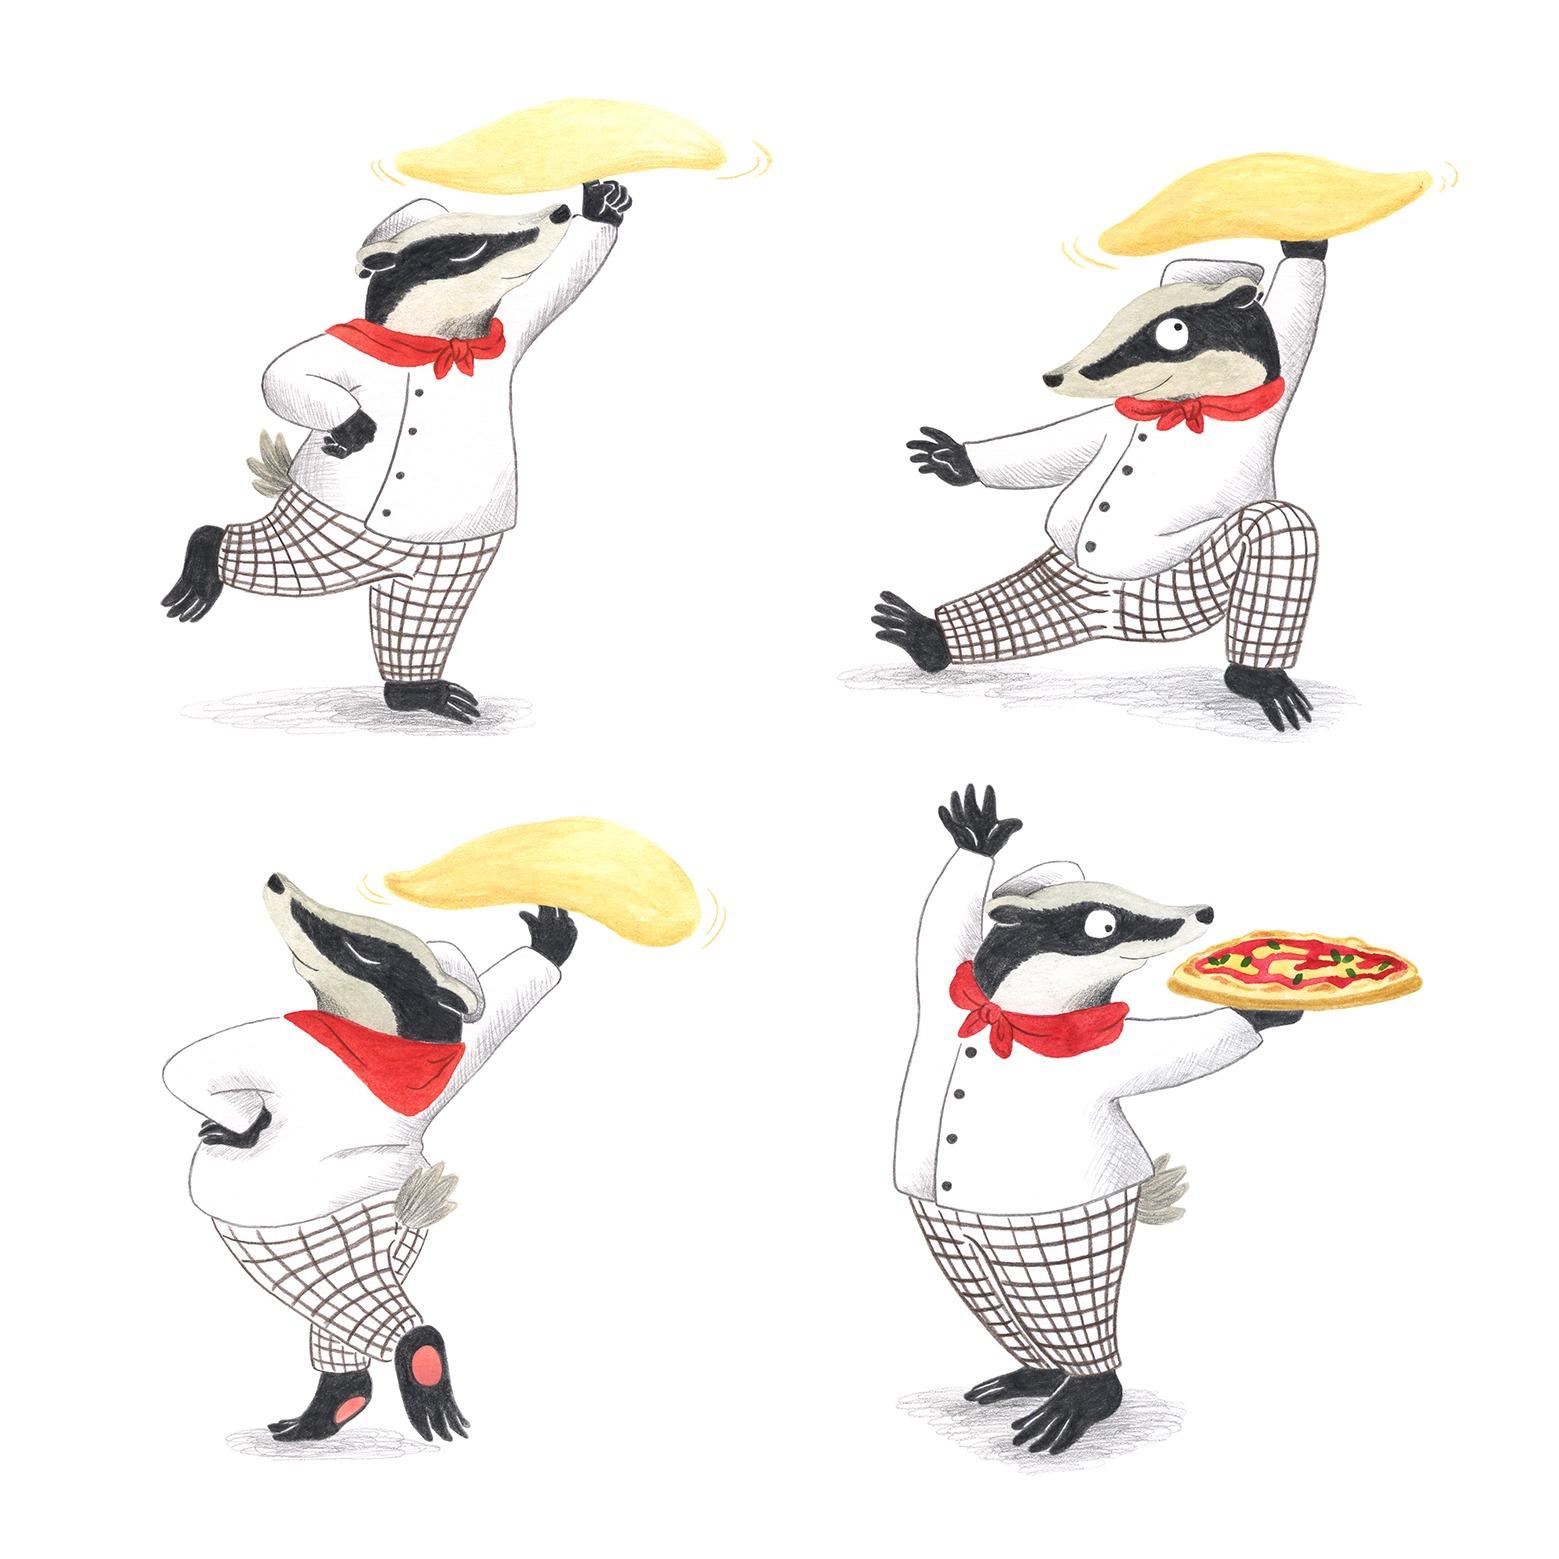 ilustracion infantil, album ilustrado, ilustracion para niños, ilustracion de animales, dibujo para niños, ilustracion de restaurante, Mar Villar, tejón,